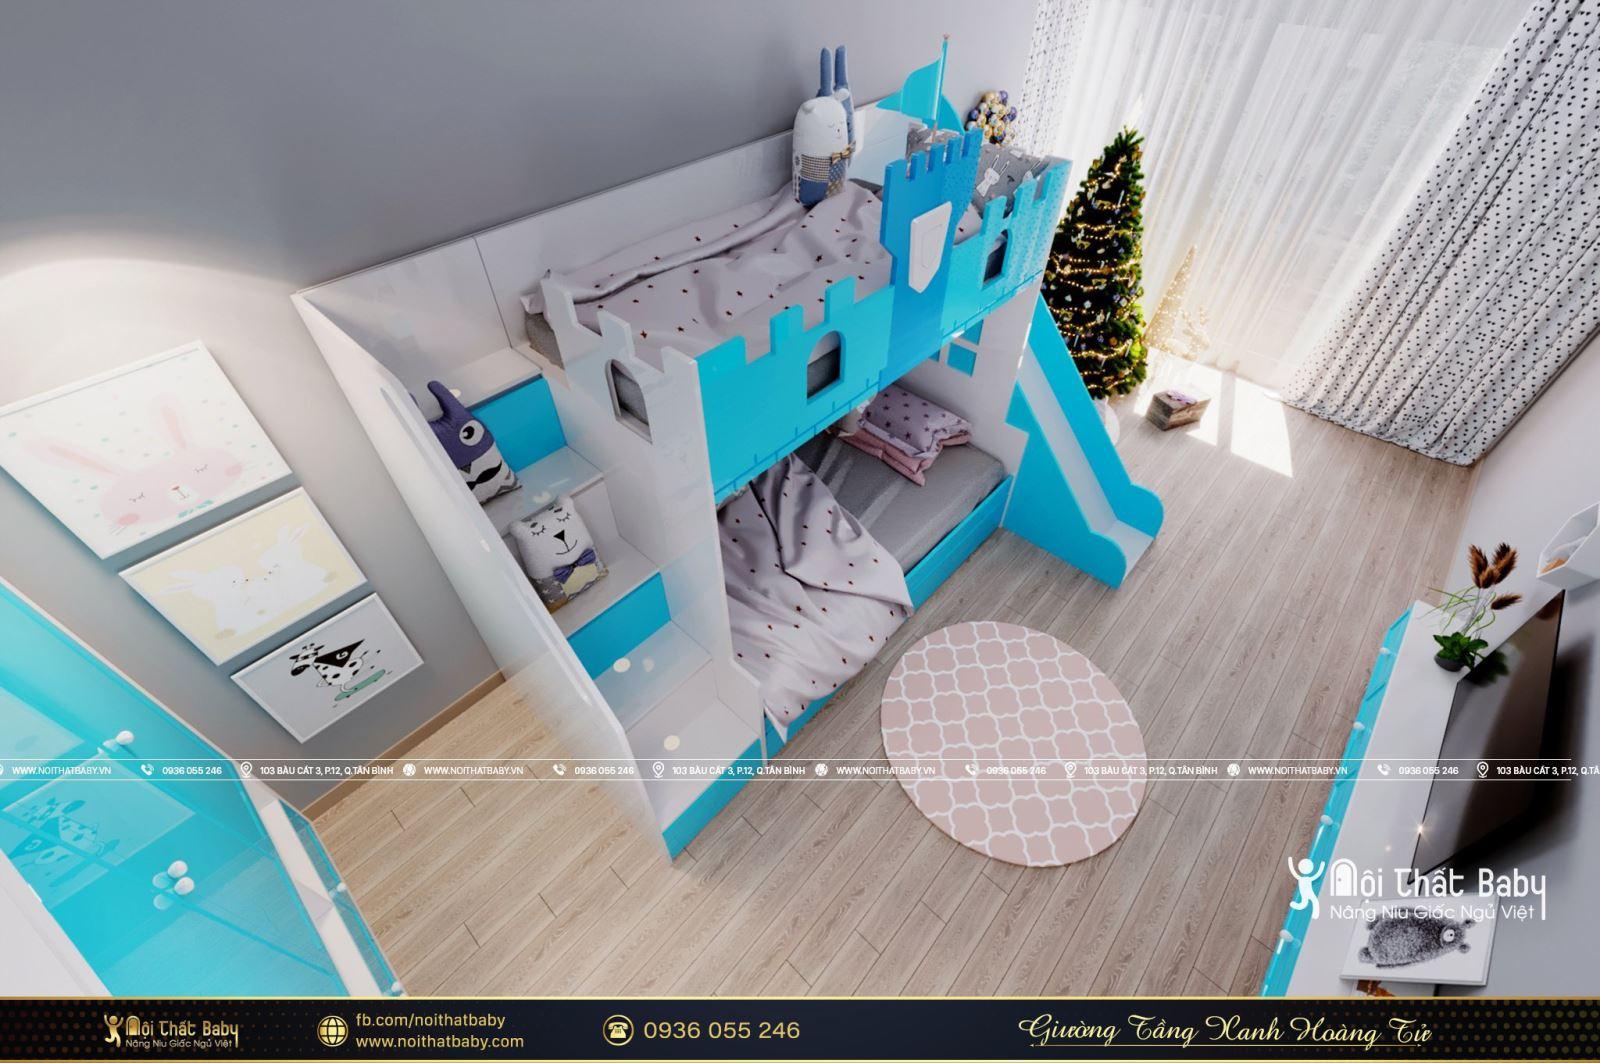 Mẫu giường tầng xanh hoàng tử năm 2021